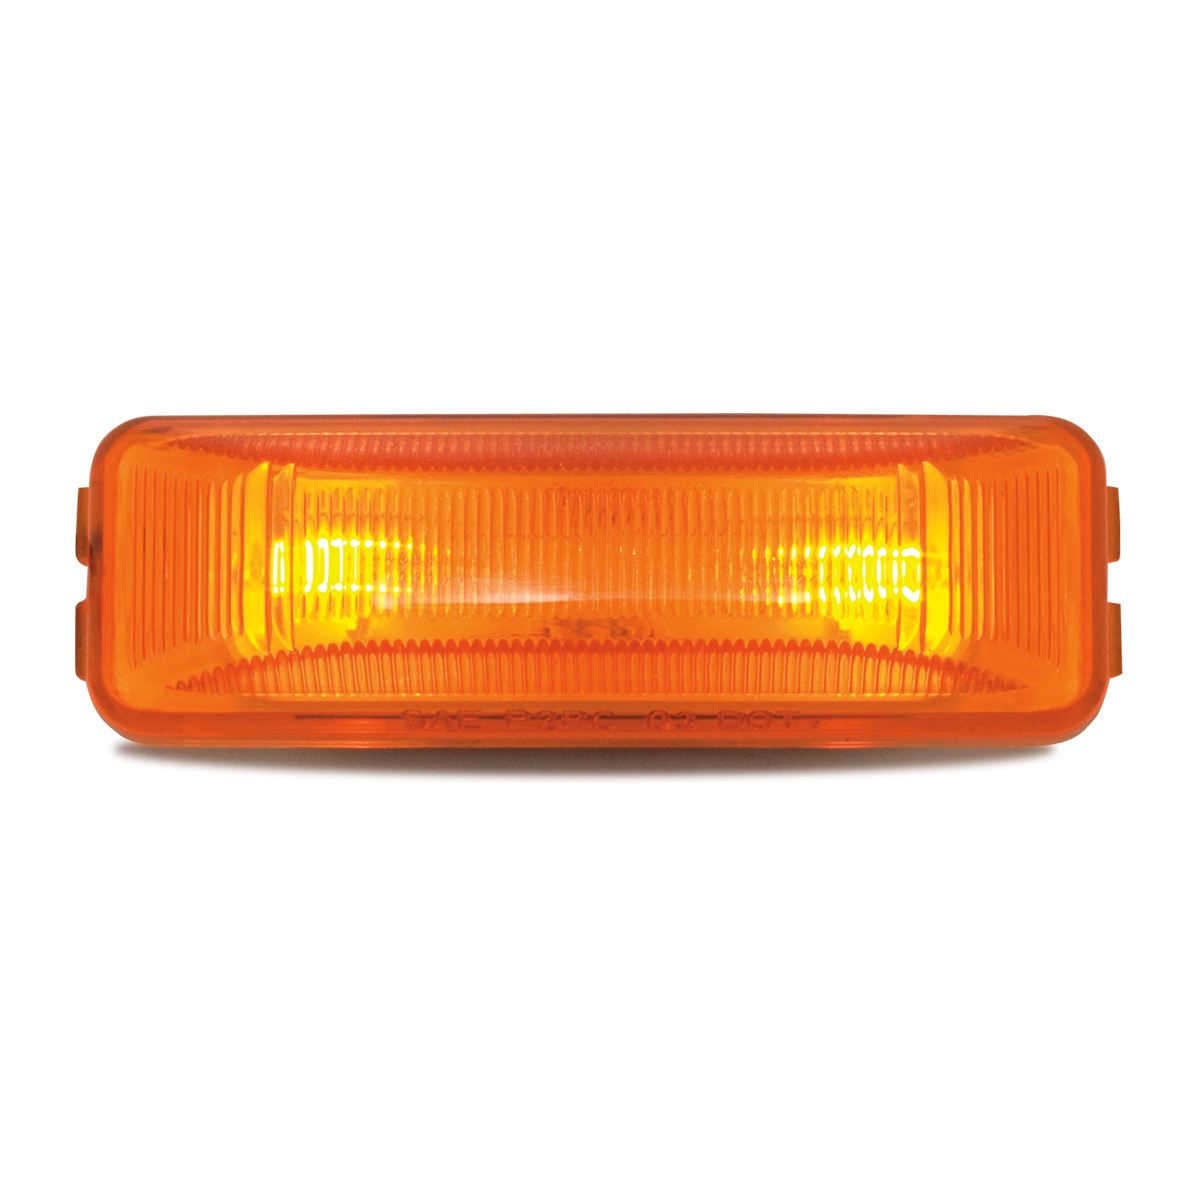 #80344 Medium Rectangular Two-Bulb Sealed Light Only - Amber